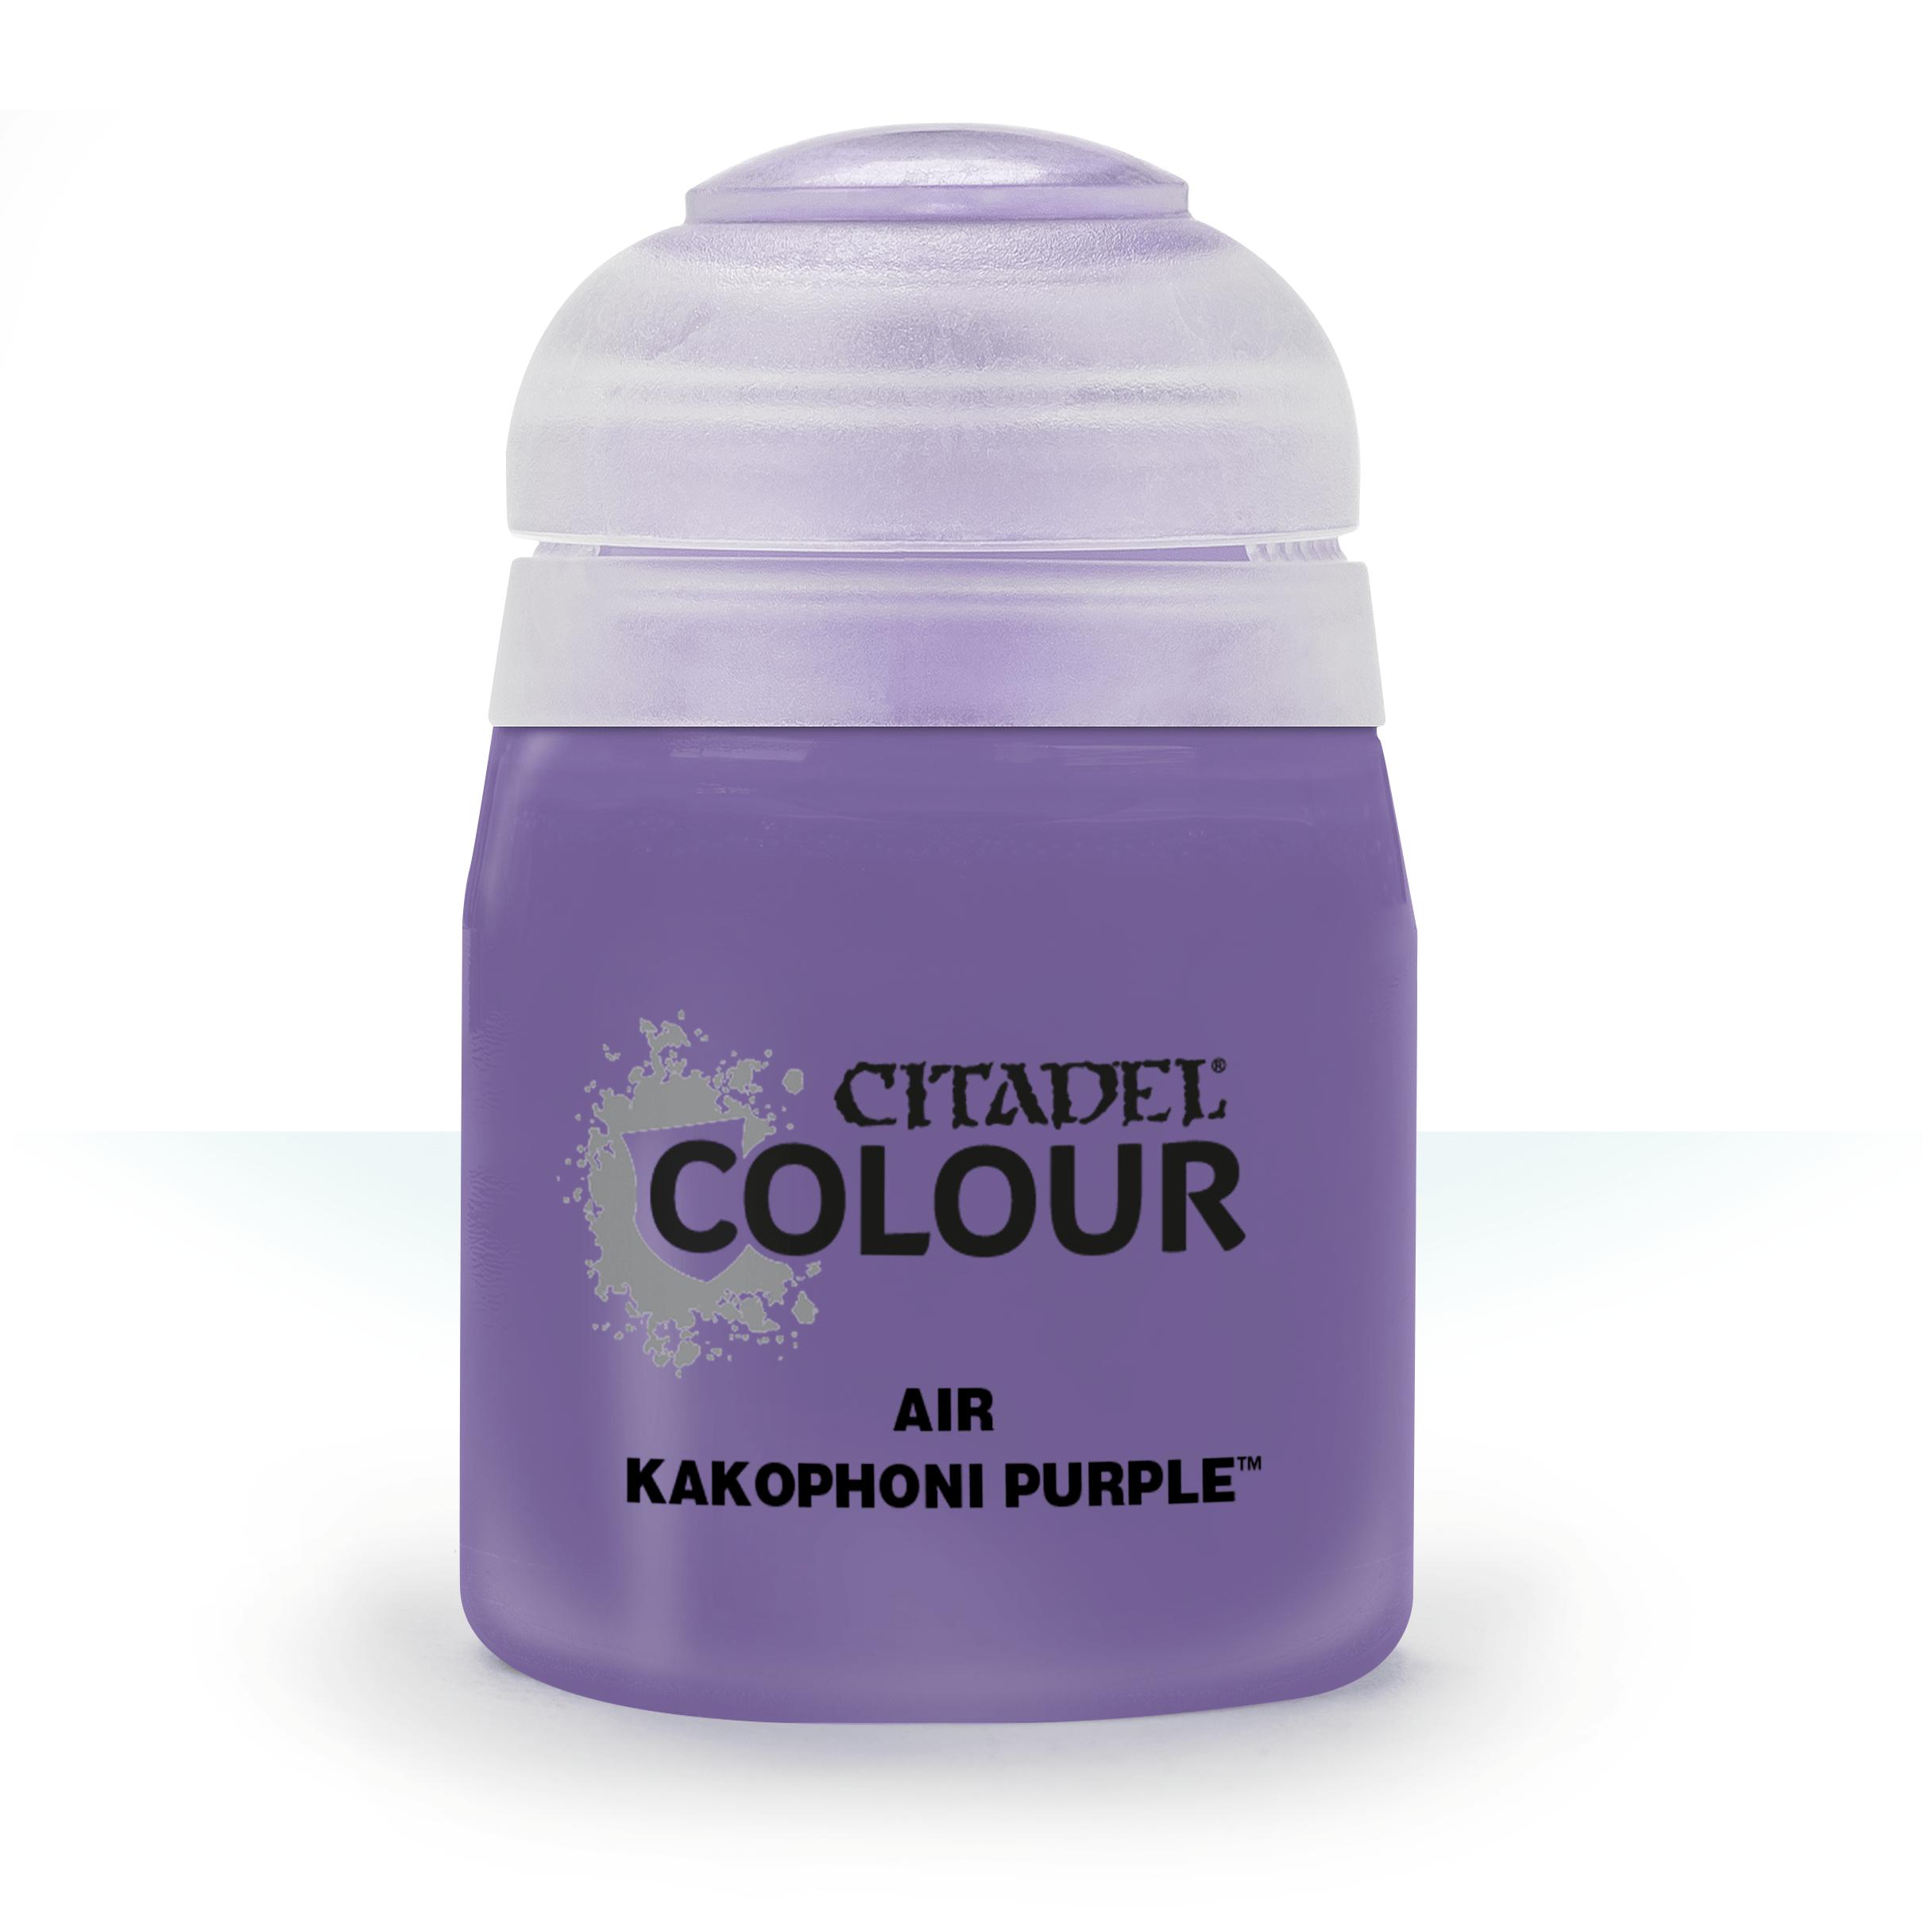 Kakophoni Purple, Citadel Air 24ml